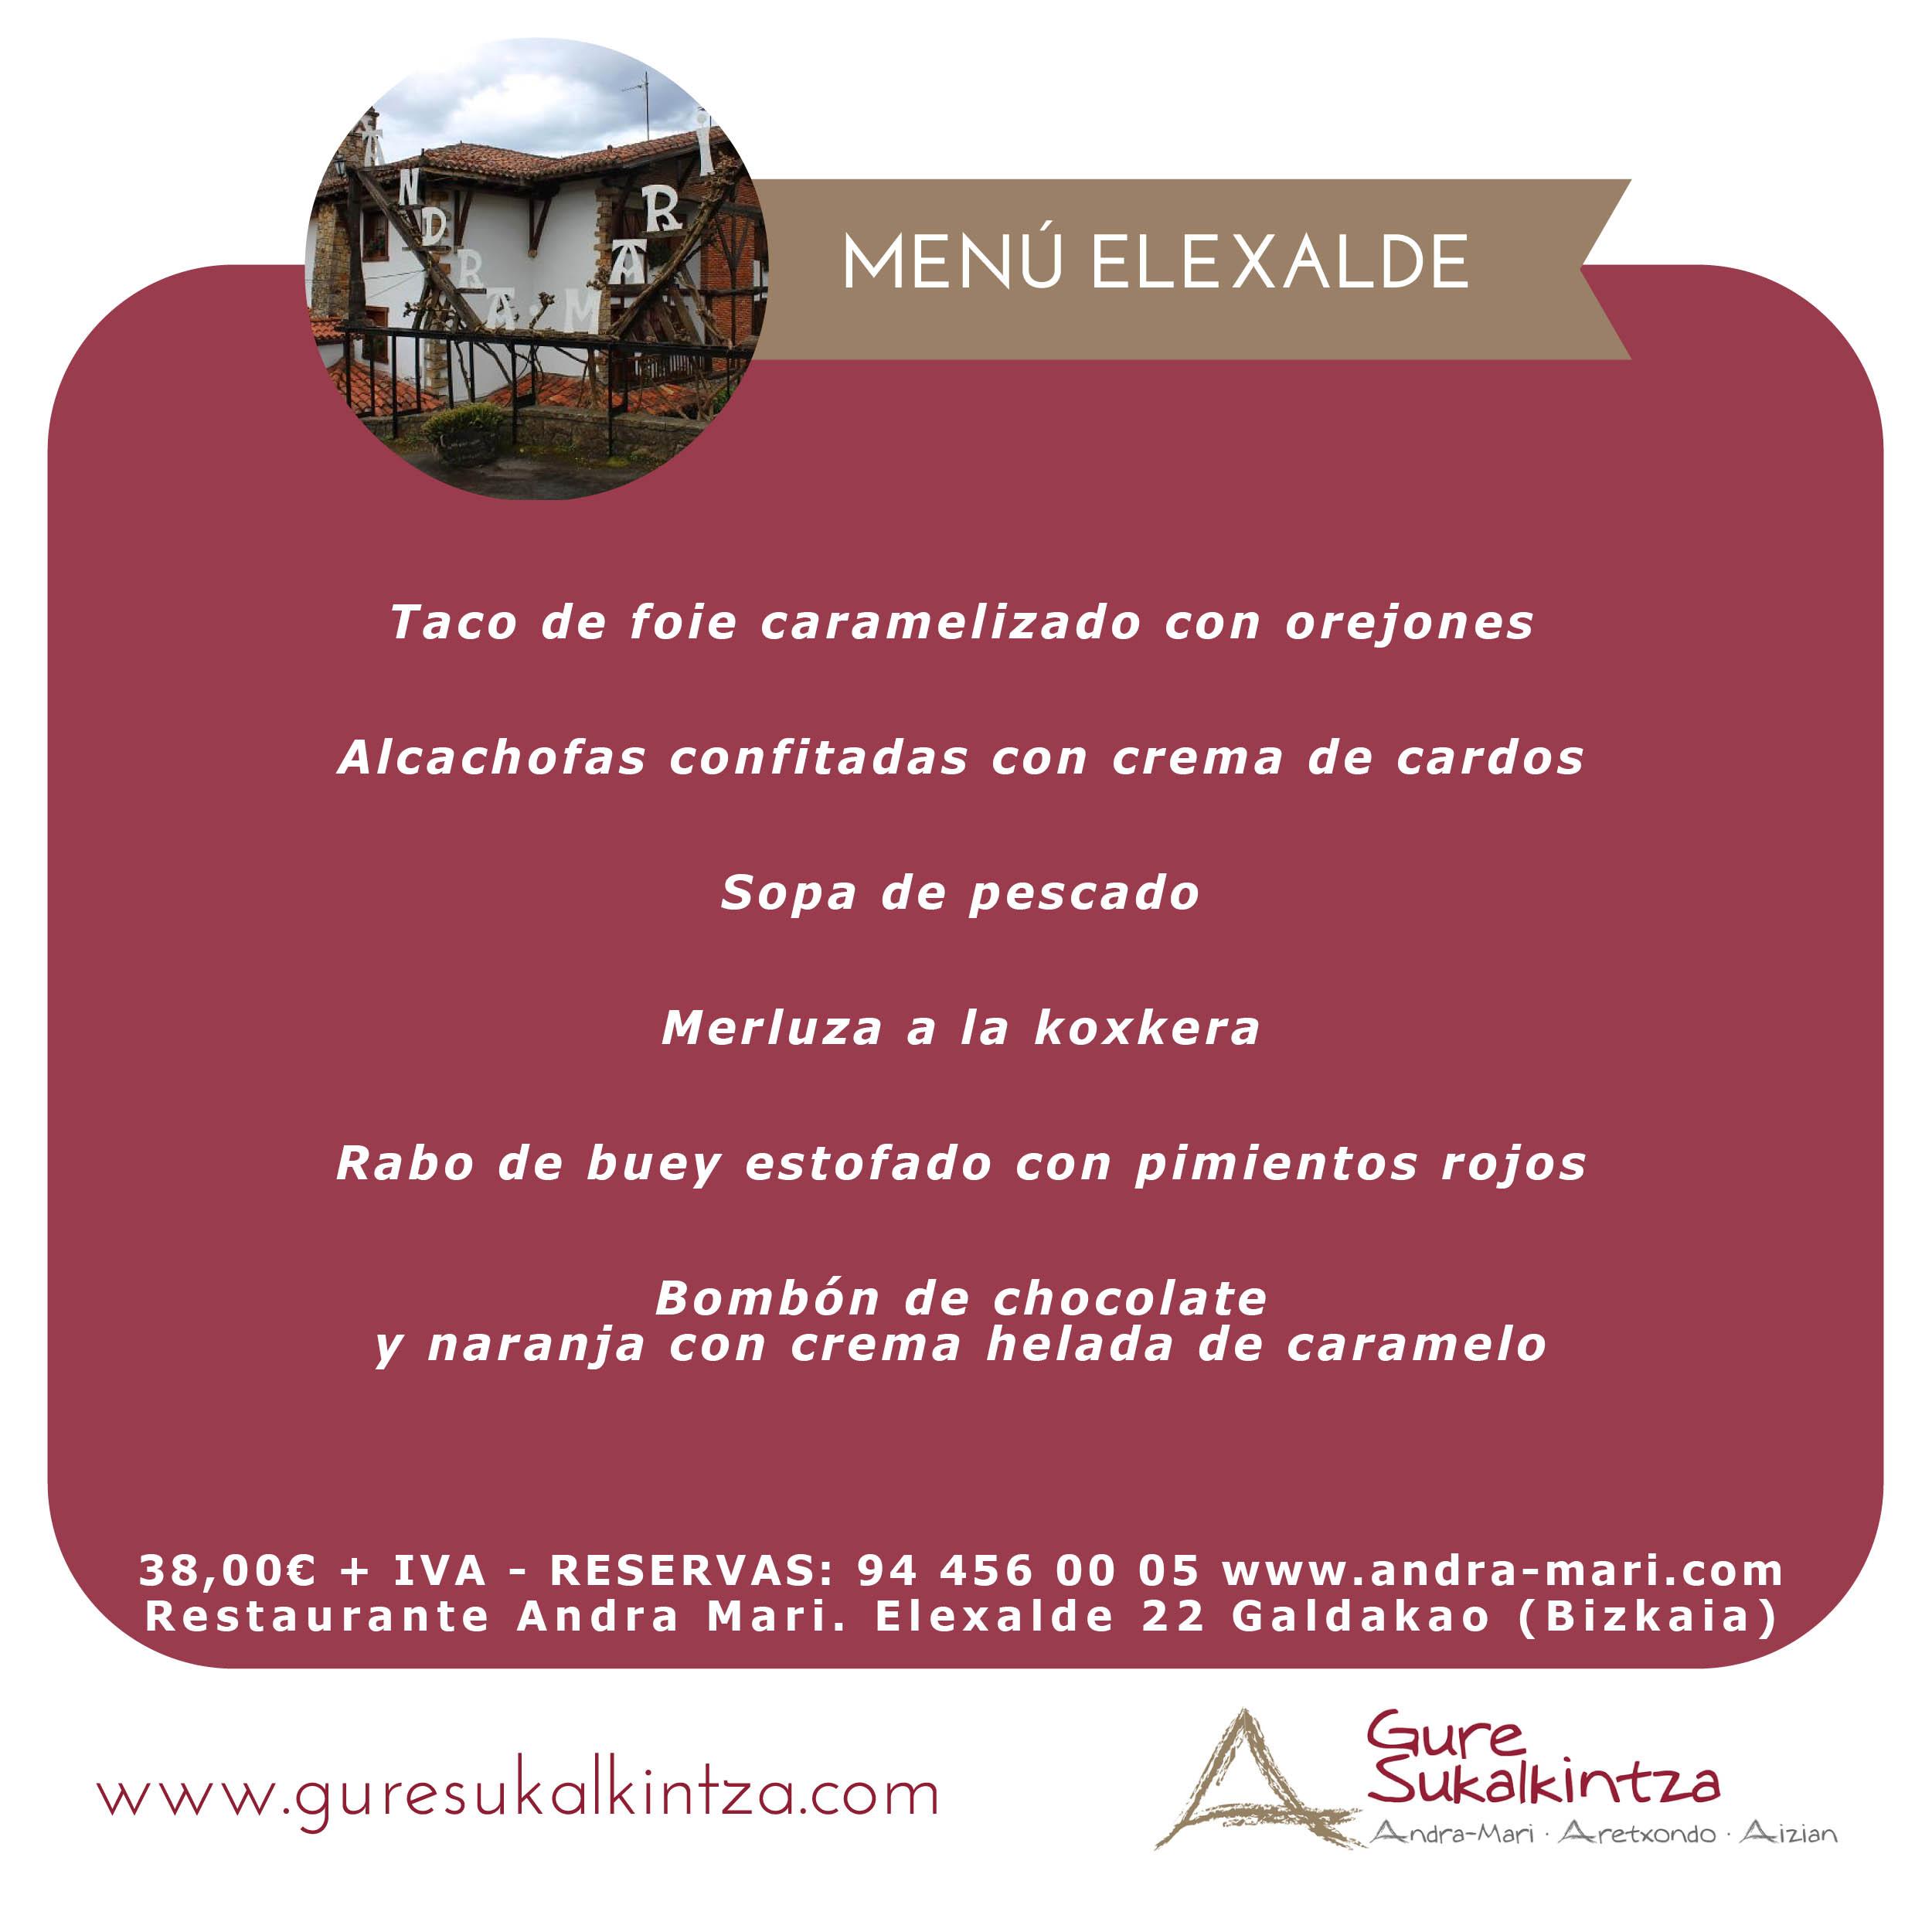 menu_elexalde_marzo_ andra mari